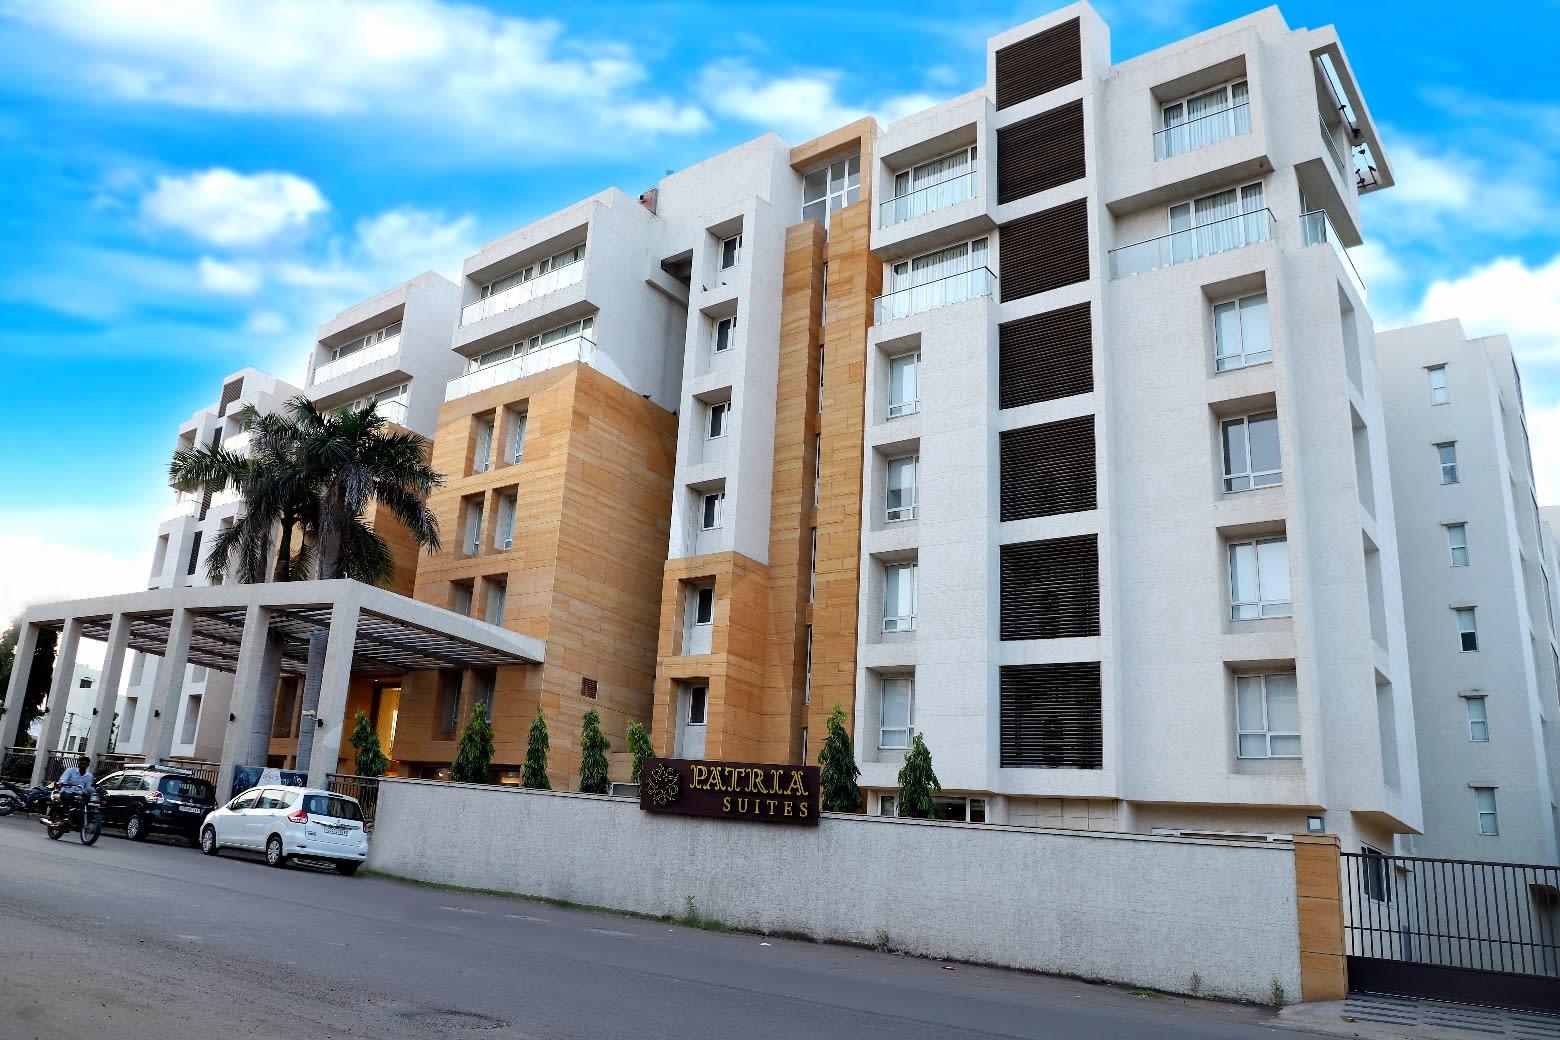 Hotel Patria Suites Rajkot Trivago In